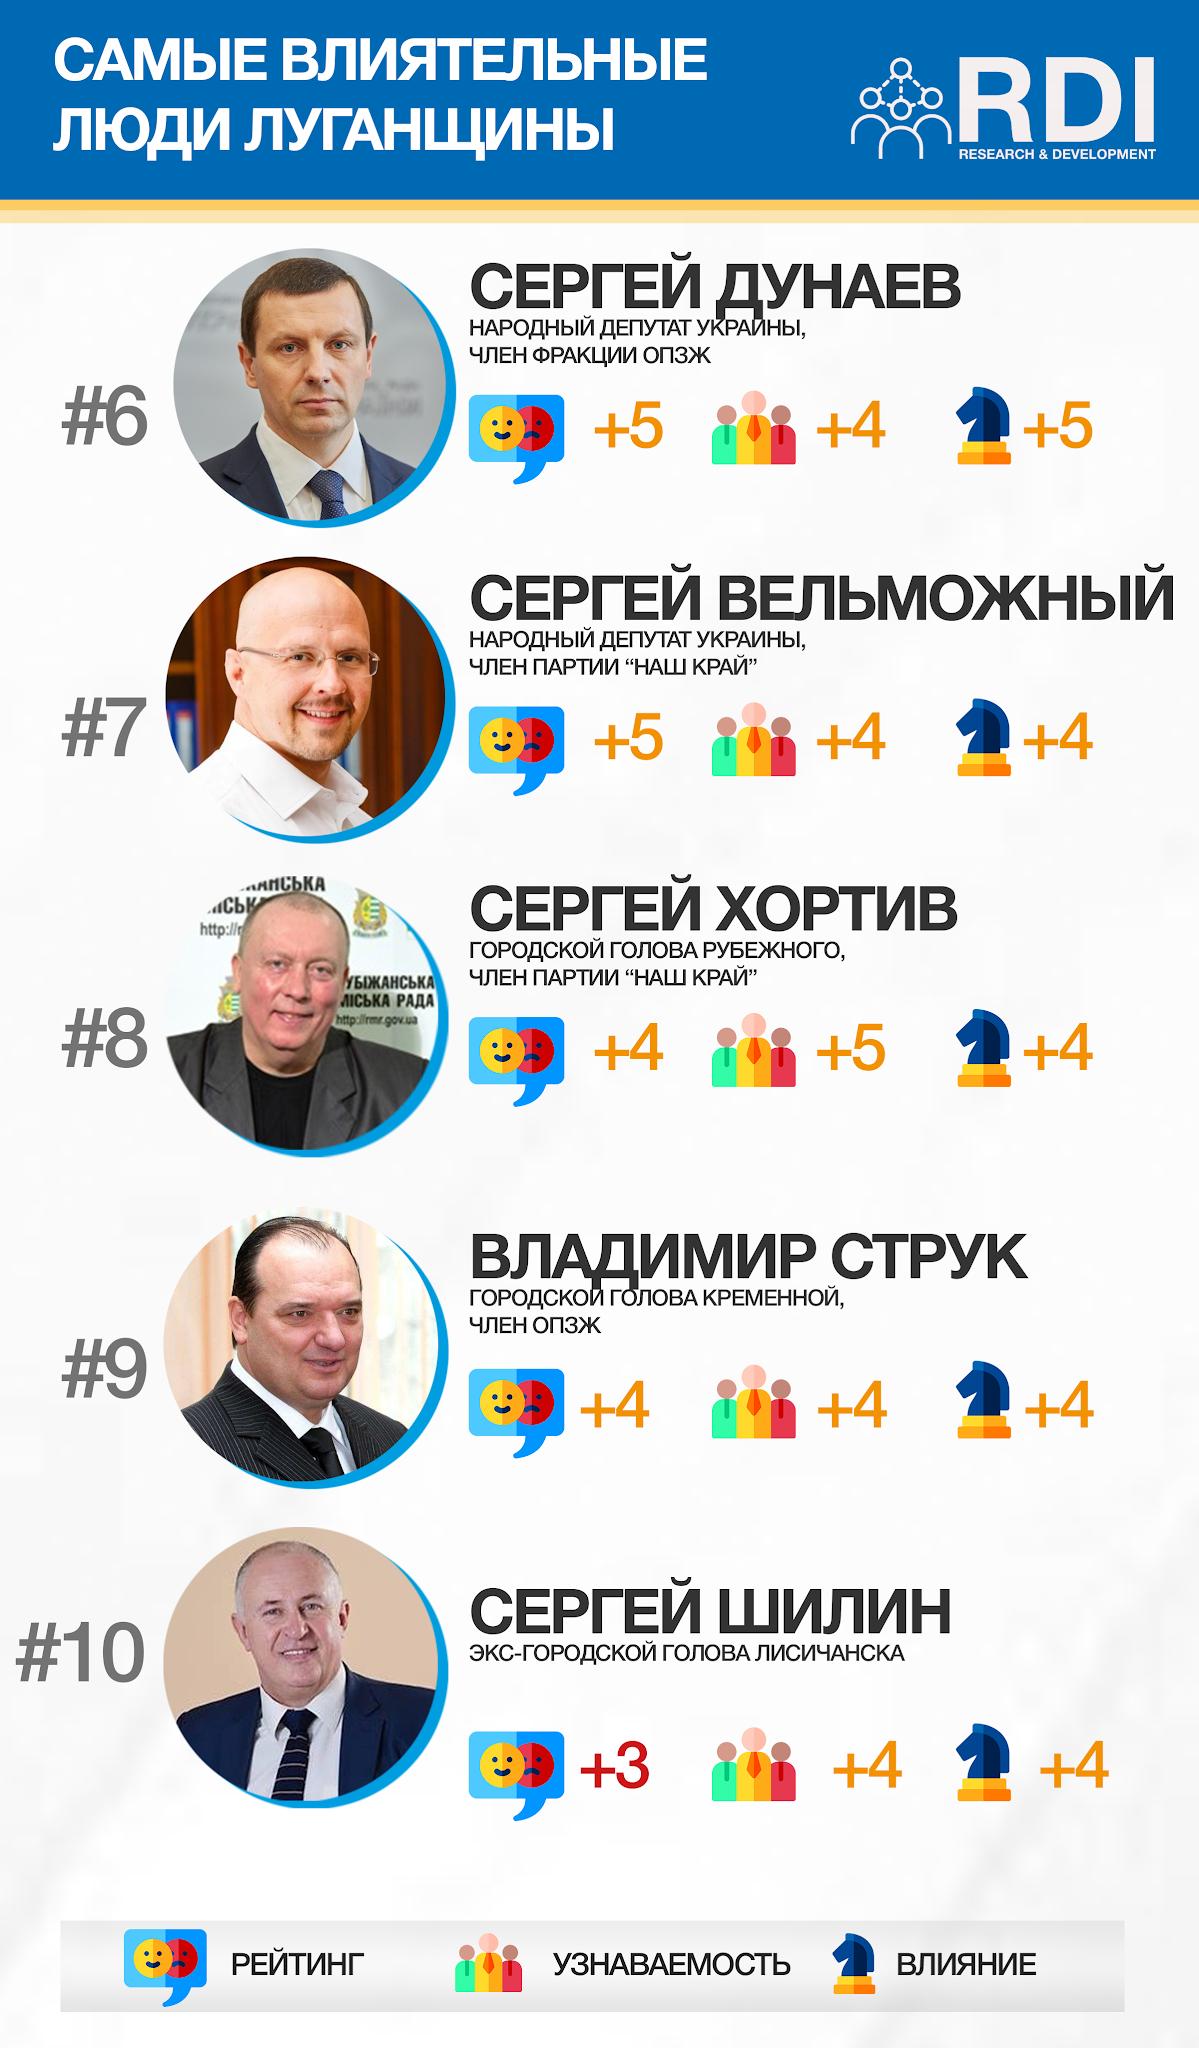 ТОП-10 самых влиятельных людей Луганской области. Кто попал в список? , фото-2